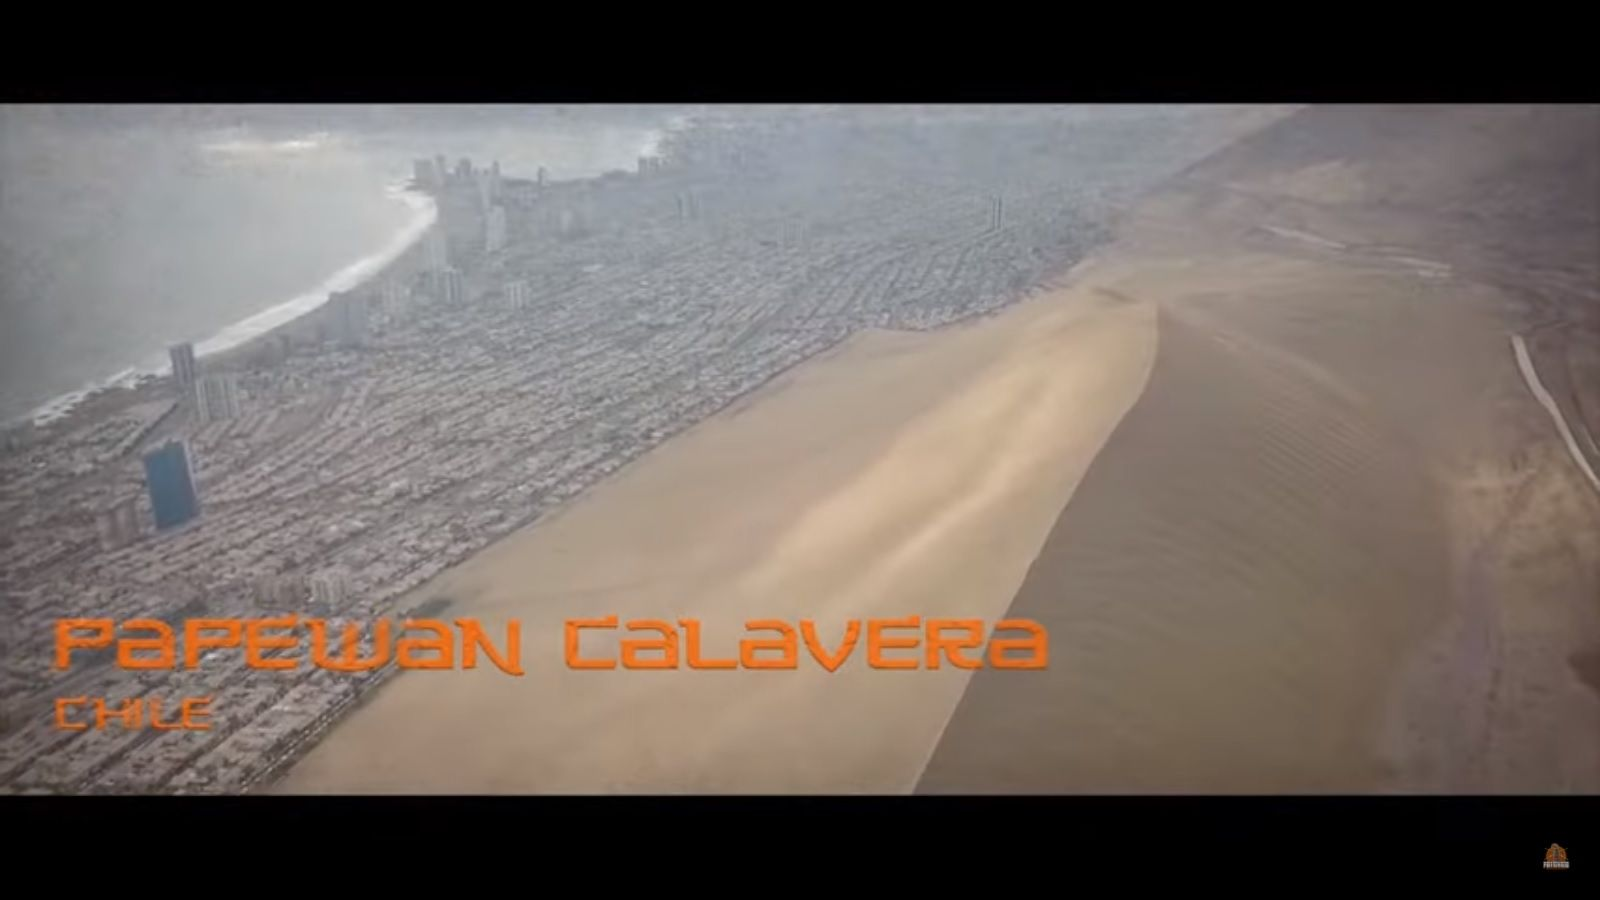 Papewan Calavera lleva el paisaje de Iquique al PriestHood Internacional